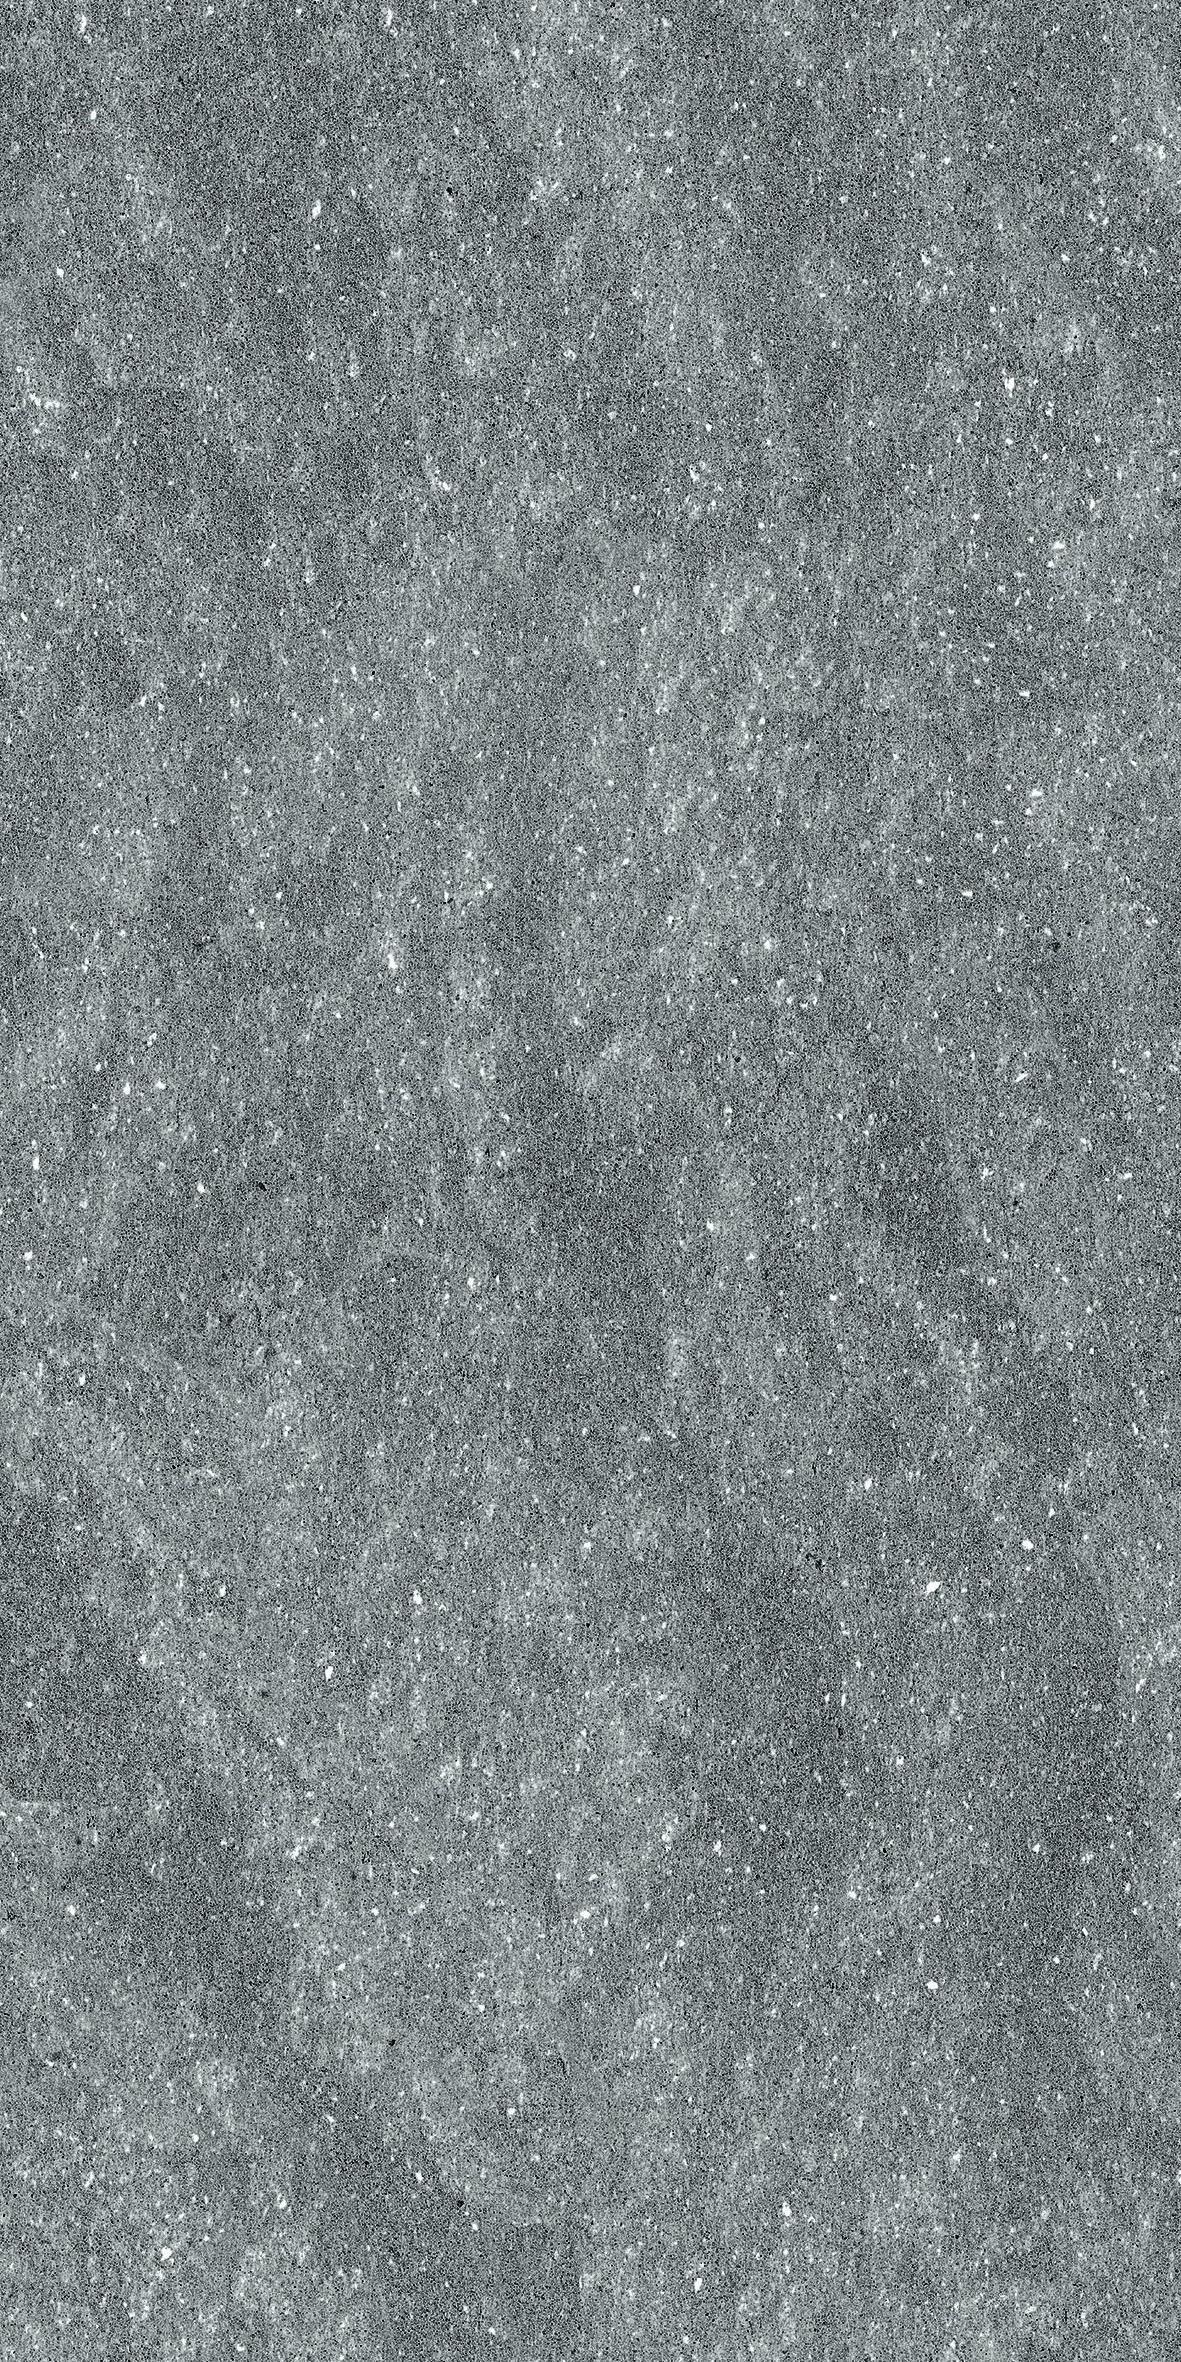 плитка из керамогранита структурированная italon дженезис 30x60 серый 610010001387 Плитка из керамогранита матовая Italon Дженезис 30x60 серый (610010001382)